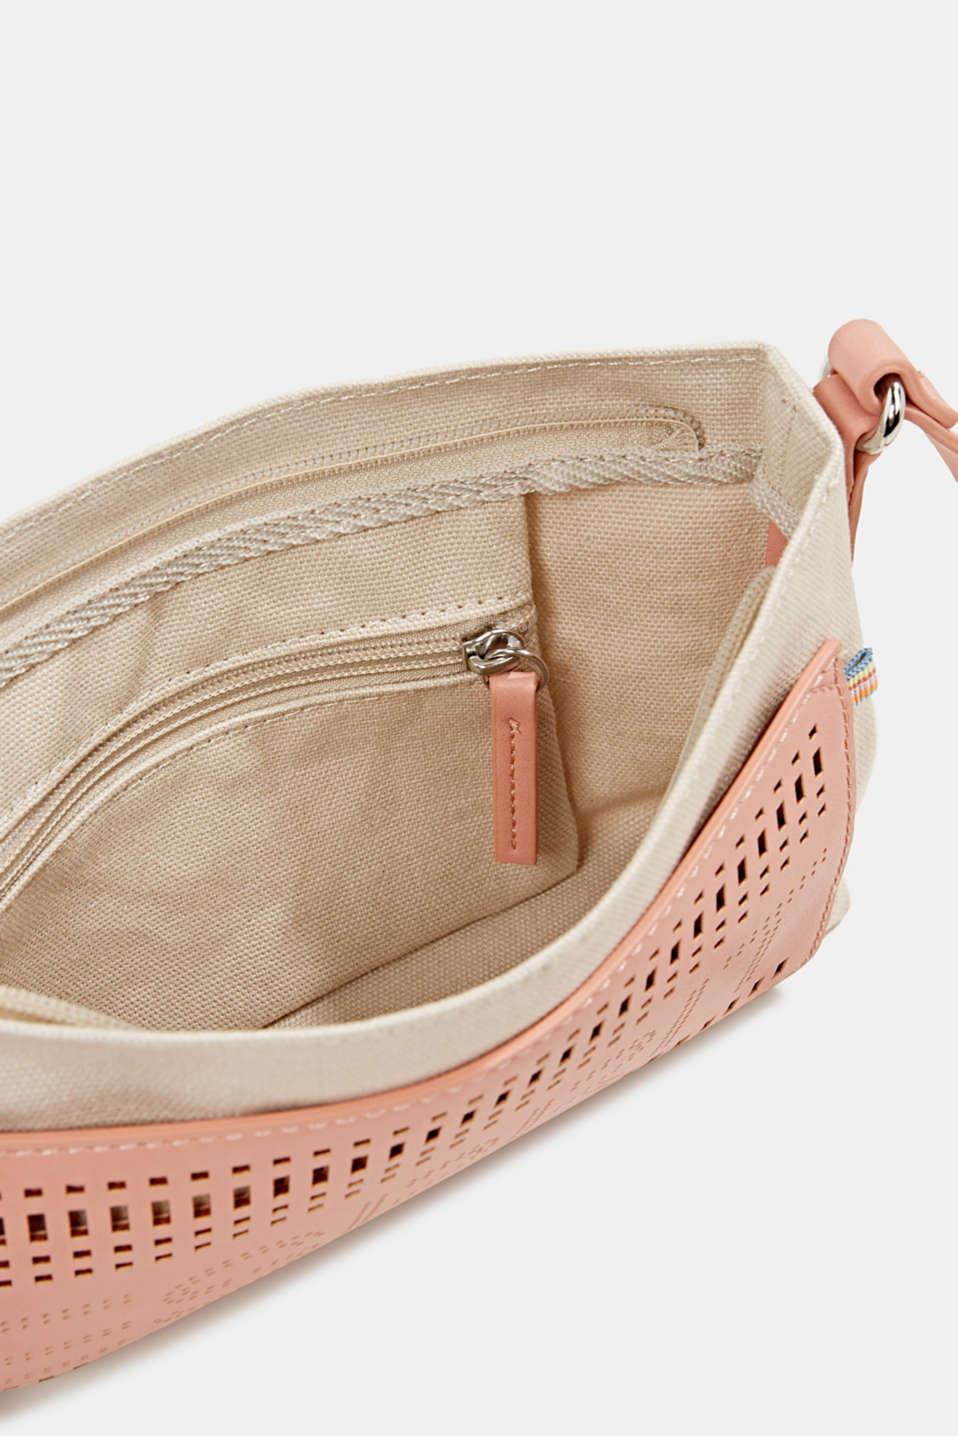 Perforated canvas shoulder bag, BLUSH, detail image number 4